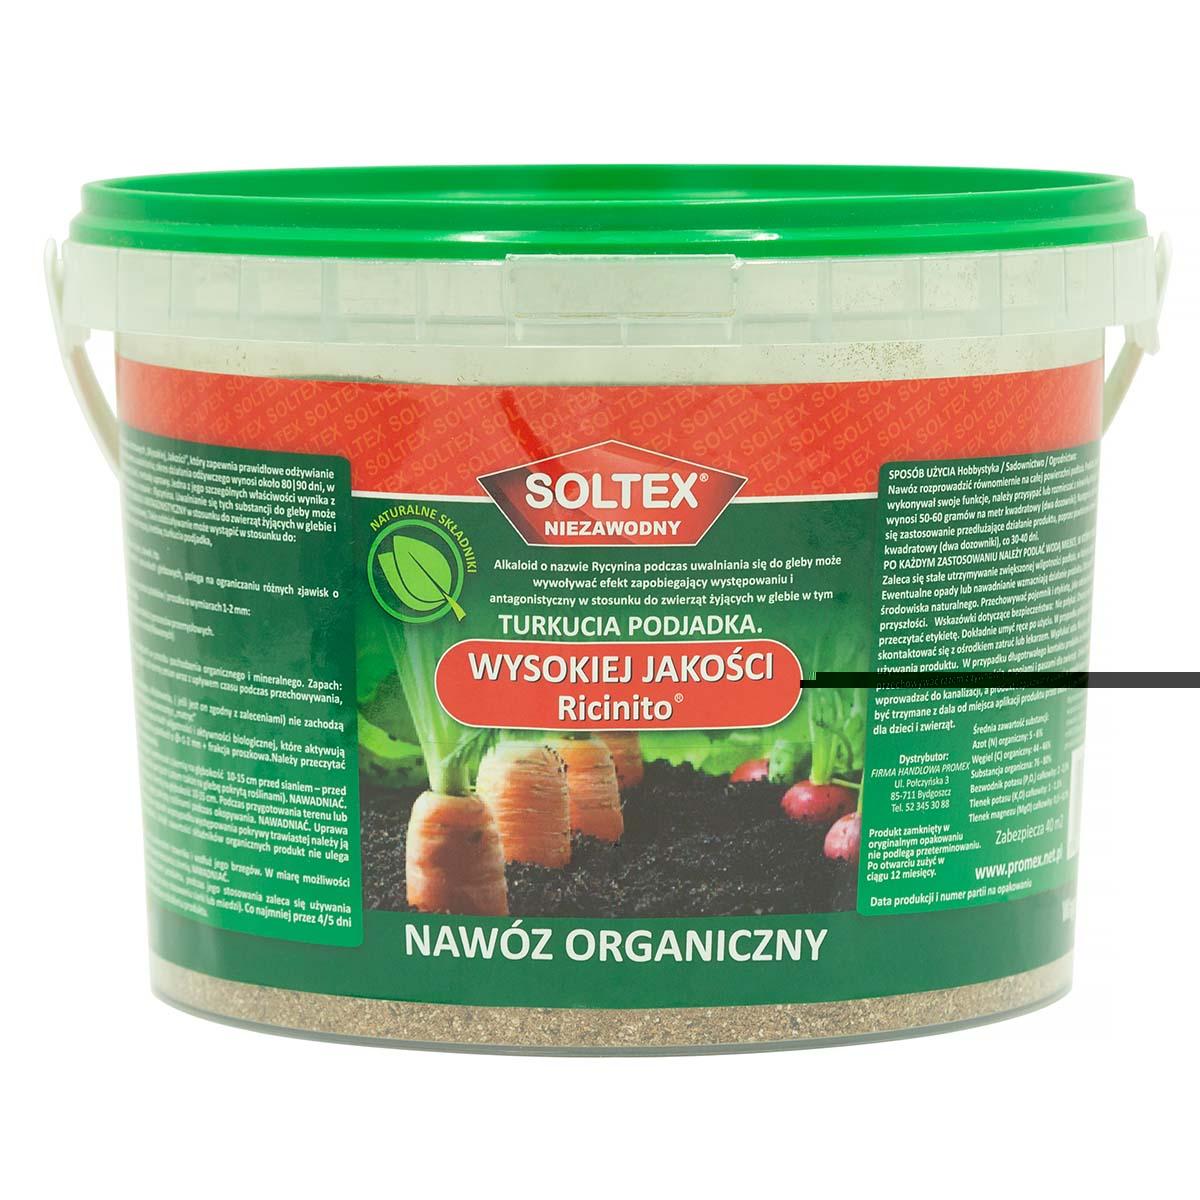 SOLTEX 2 kg granulat na turkucia podjadka i pędraki  - zdjecie 1